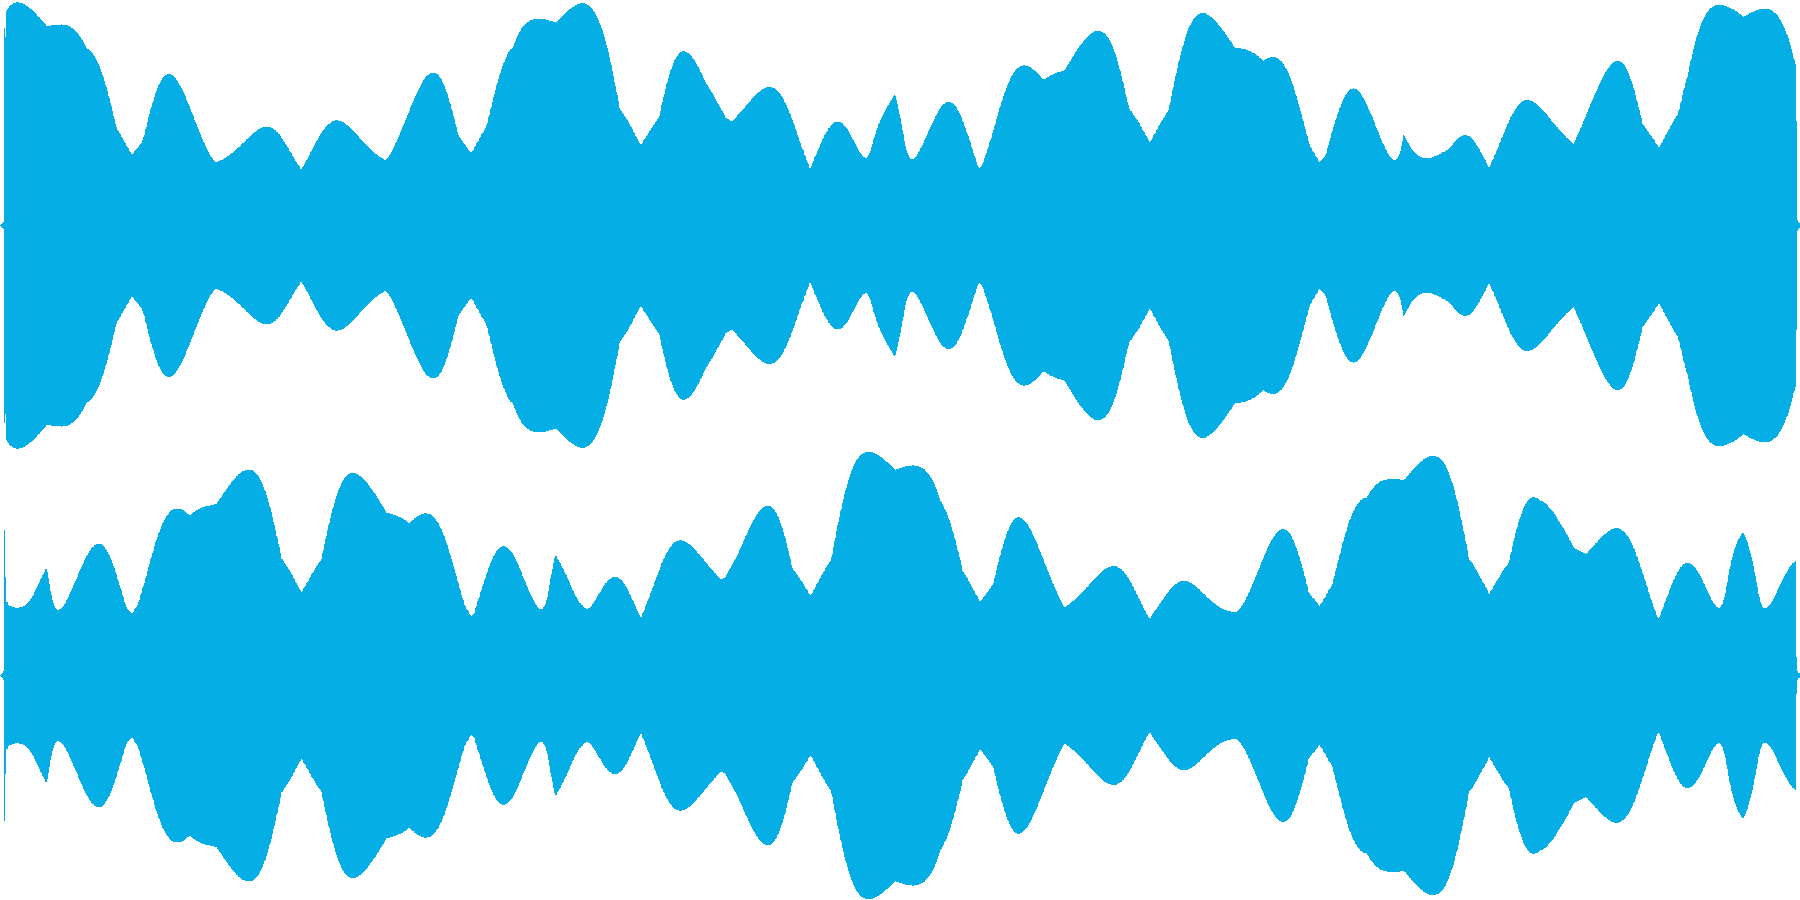 フワフワと浮くイメージSEの再生済みの波形